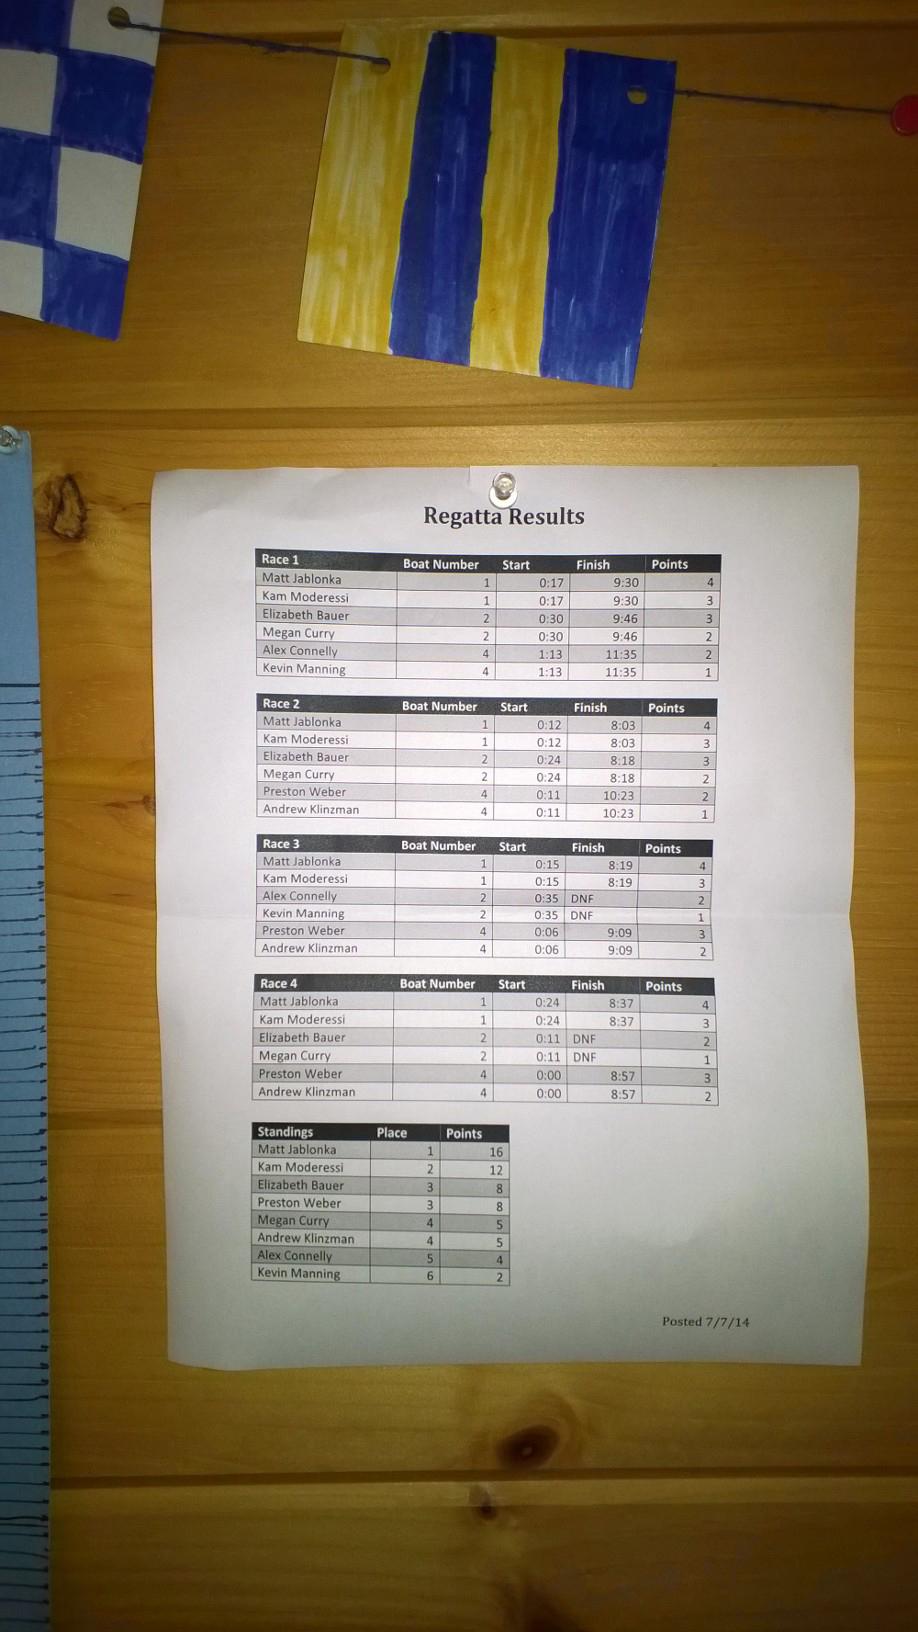 Regatta Results